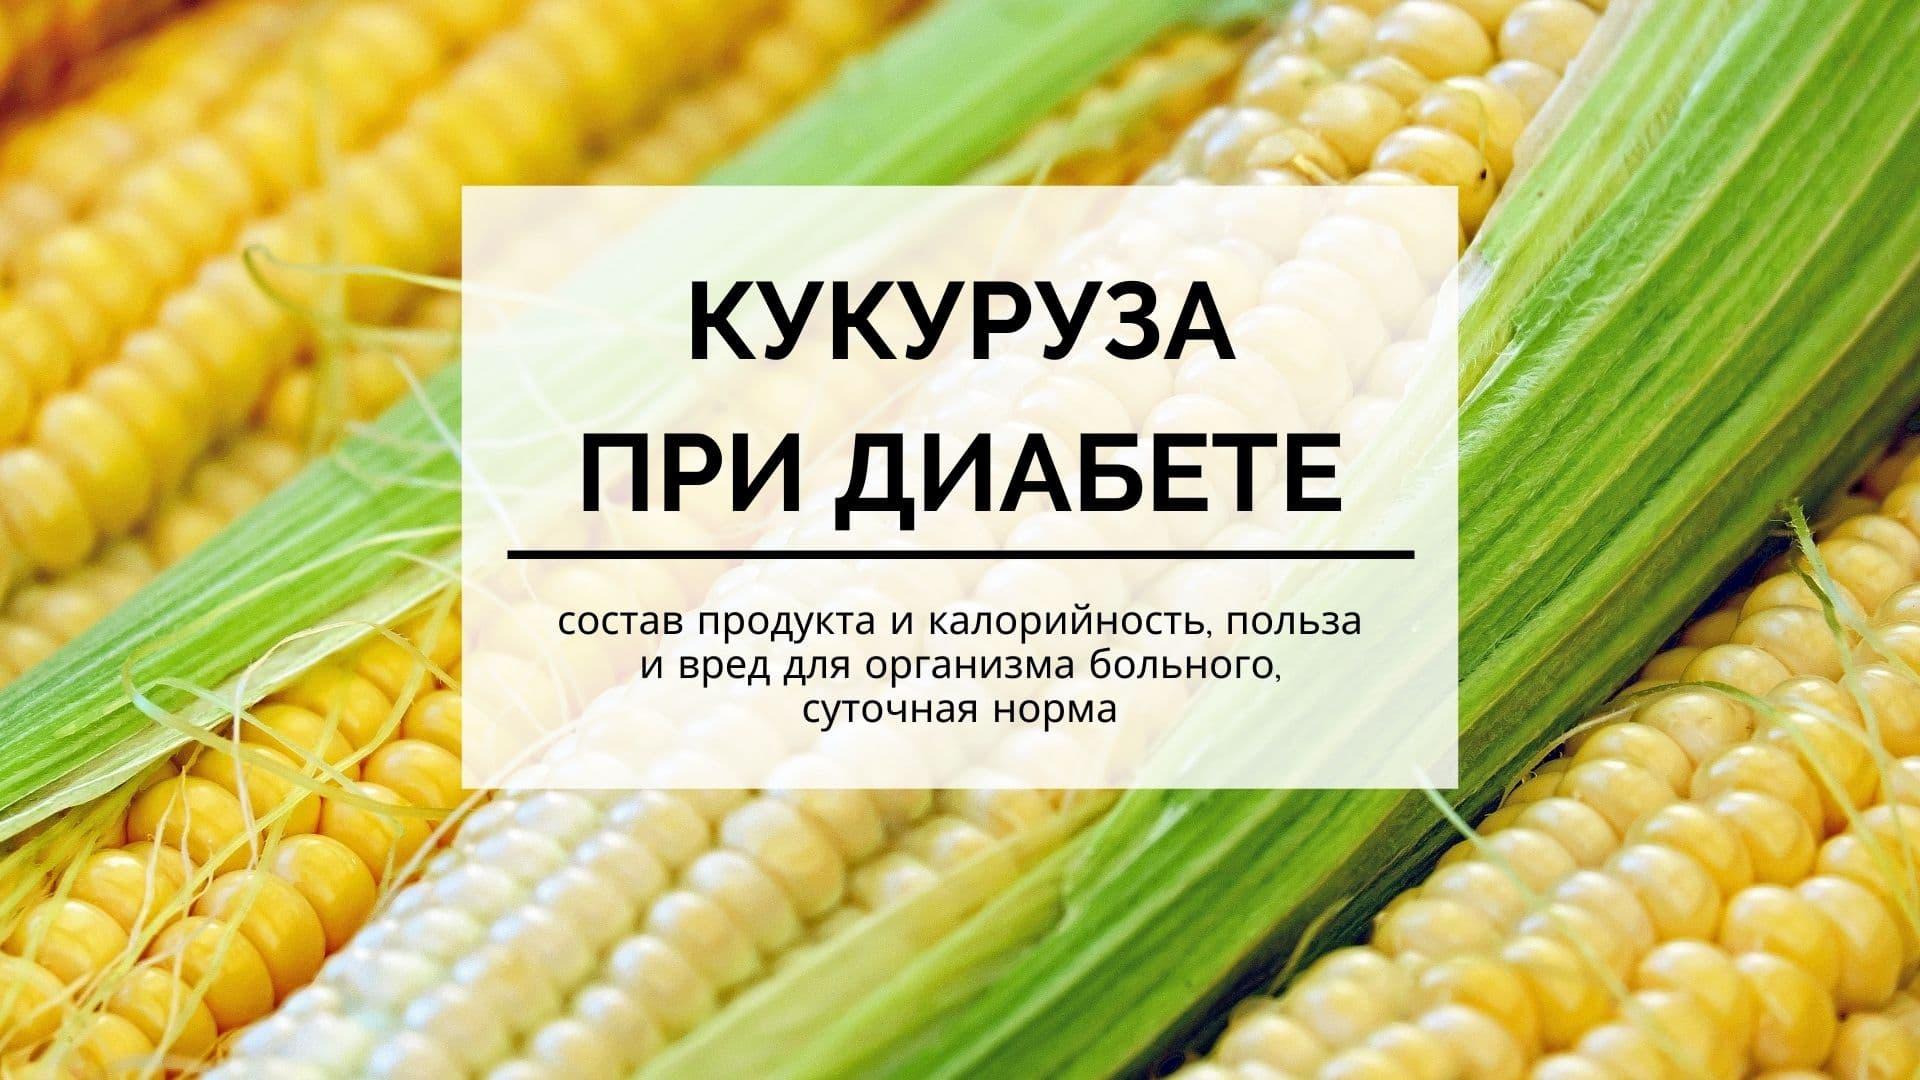 Кукуруза при диабете: состав продукта и калорийность, польза и вред для организма больного, суточная норма